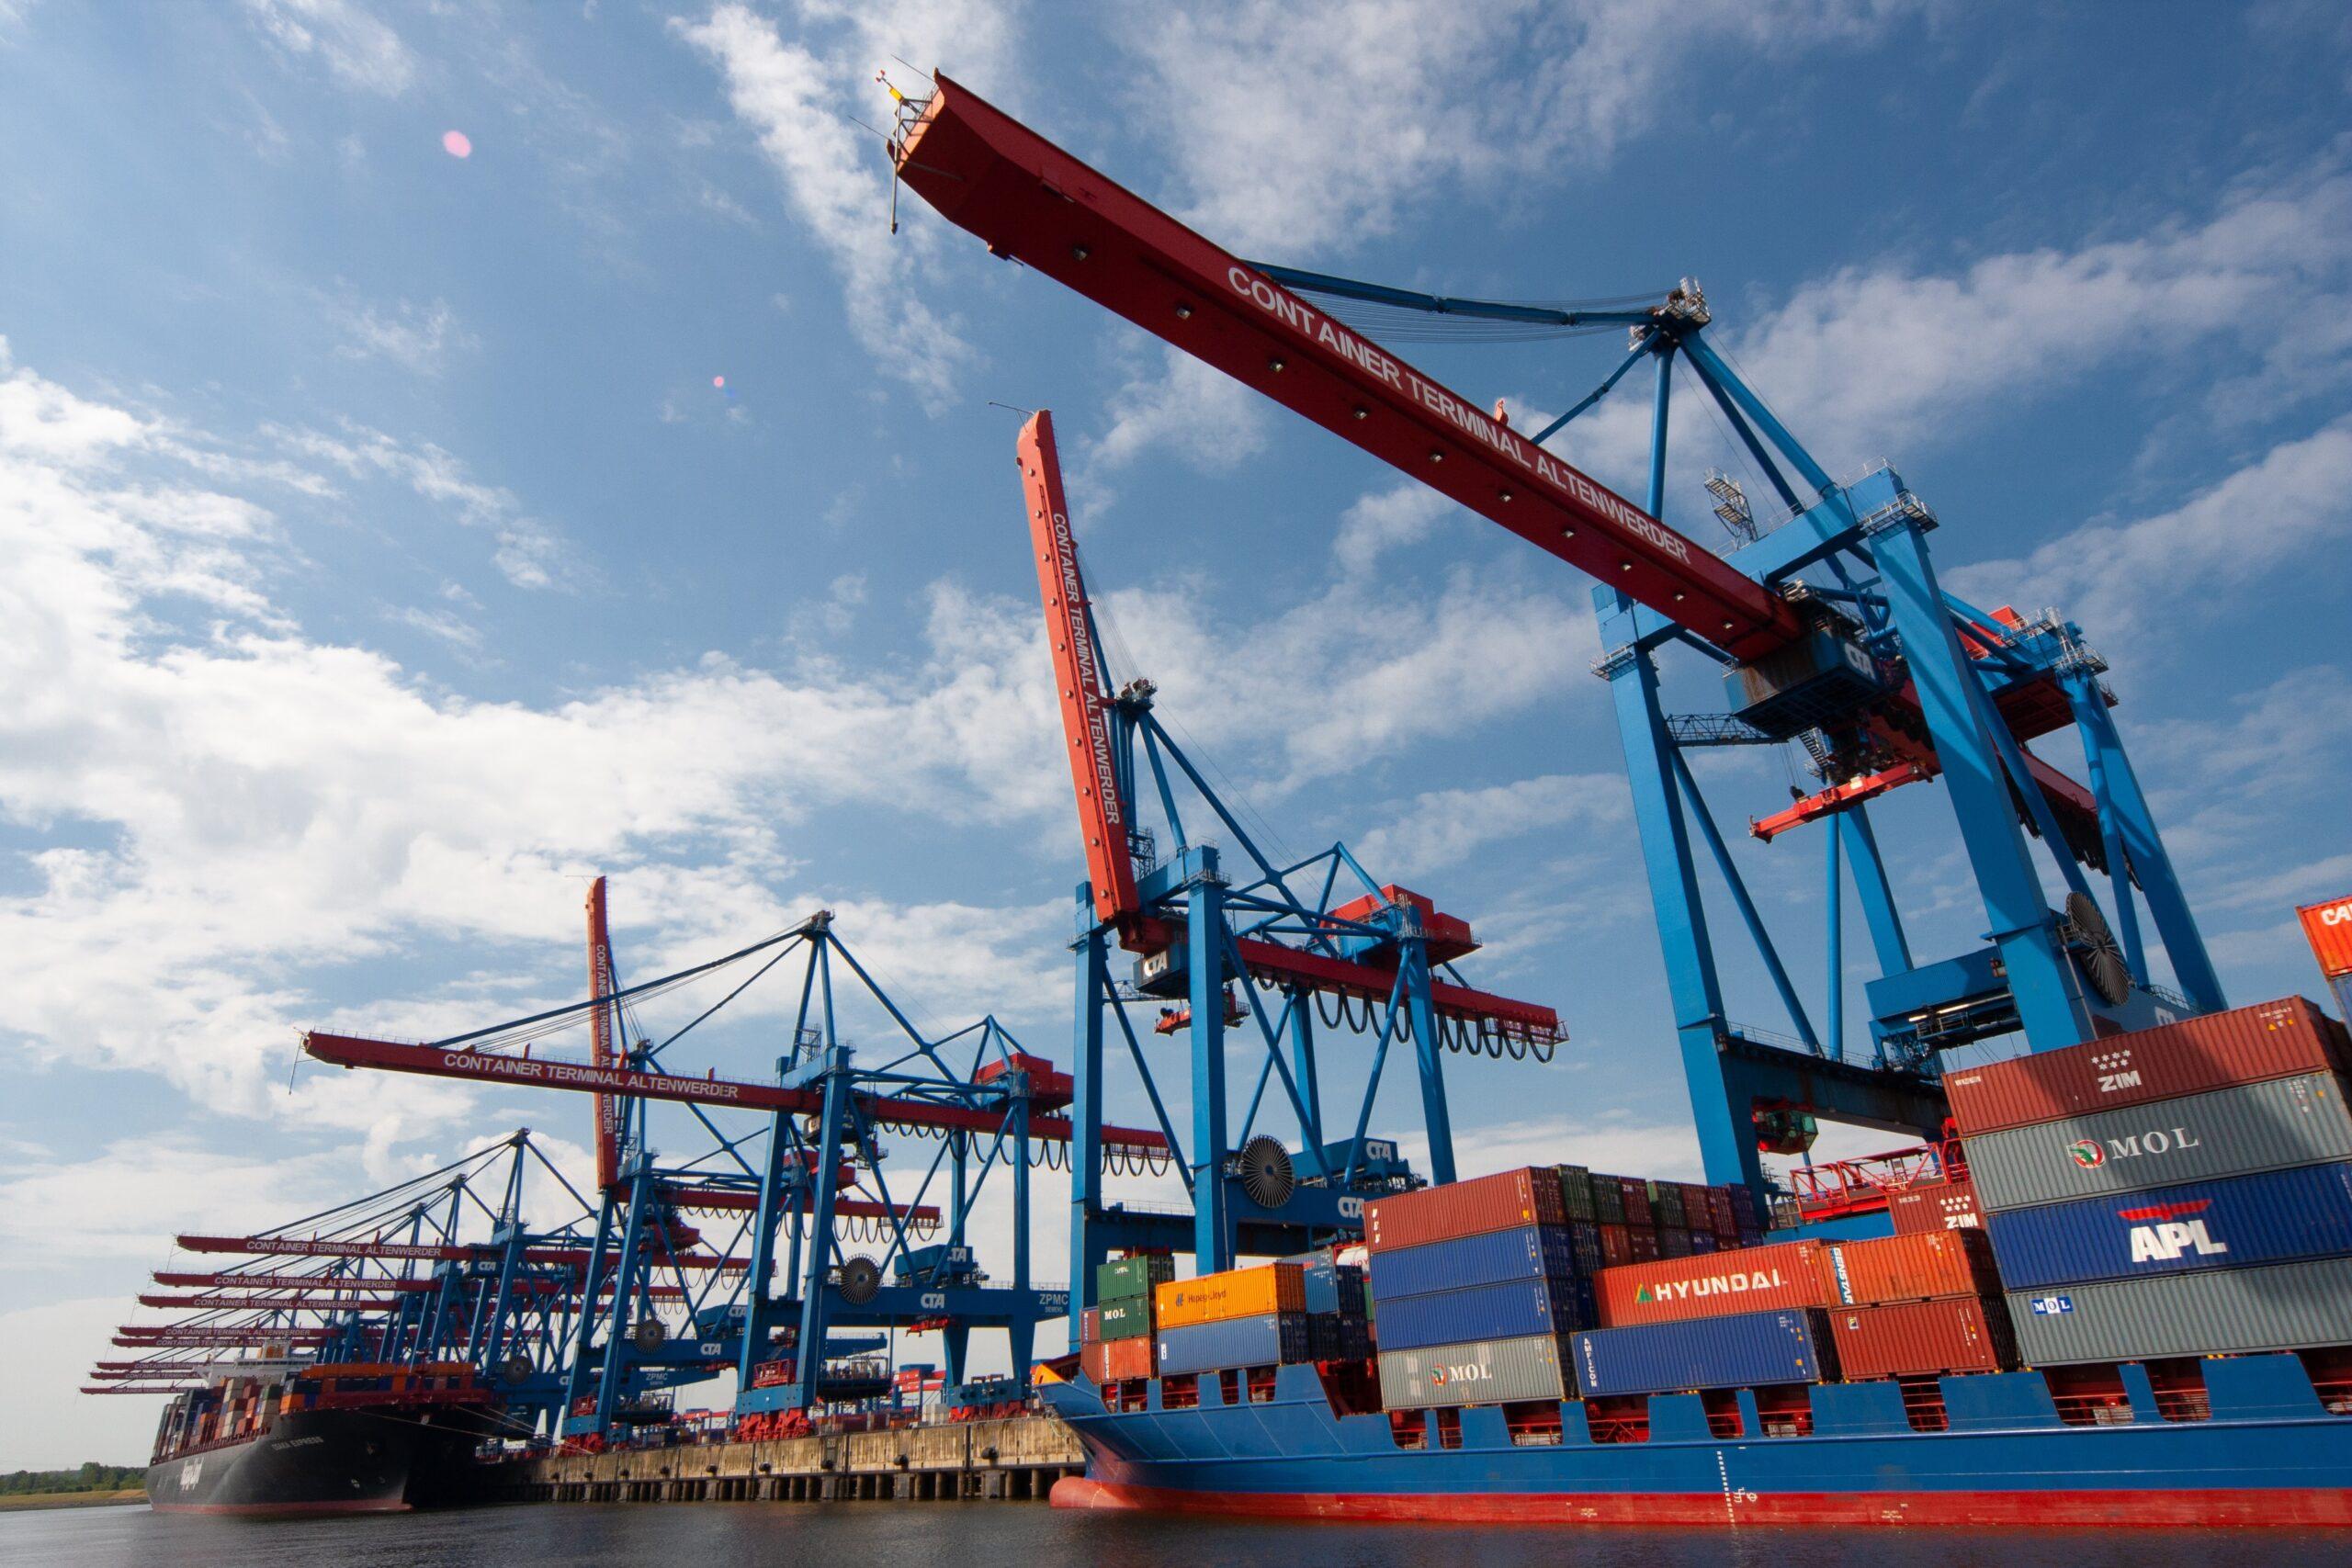 貿易事務職の仕事内容を勉強するために港に来た転職者